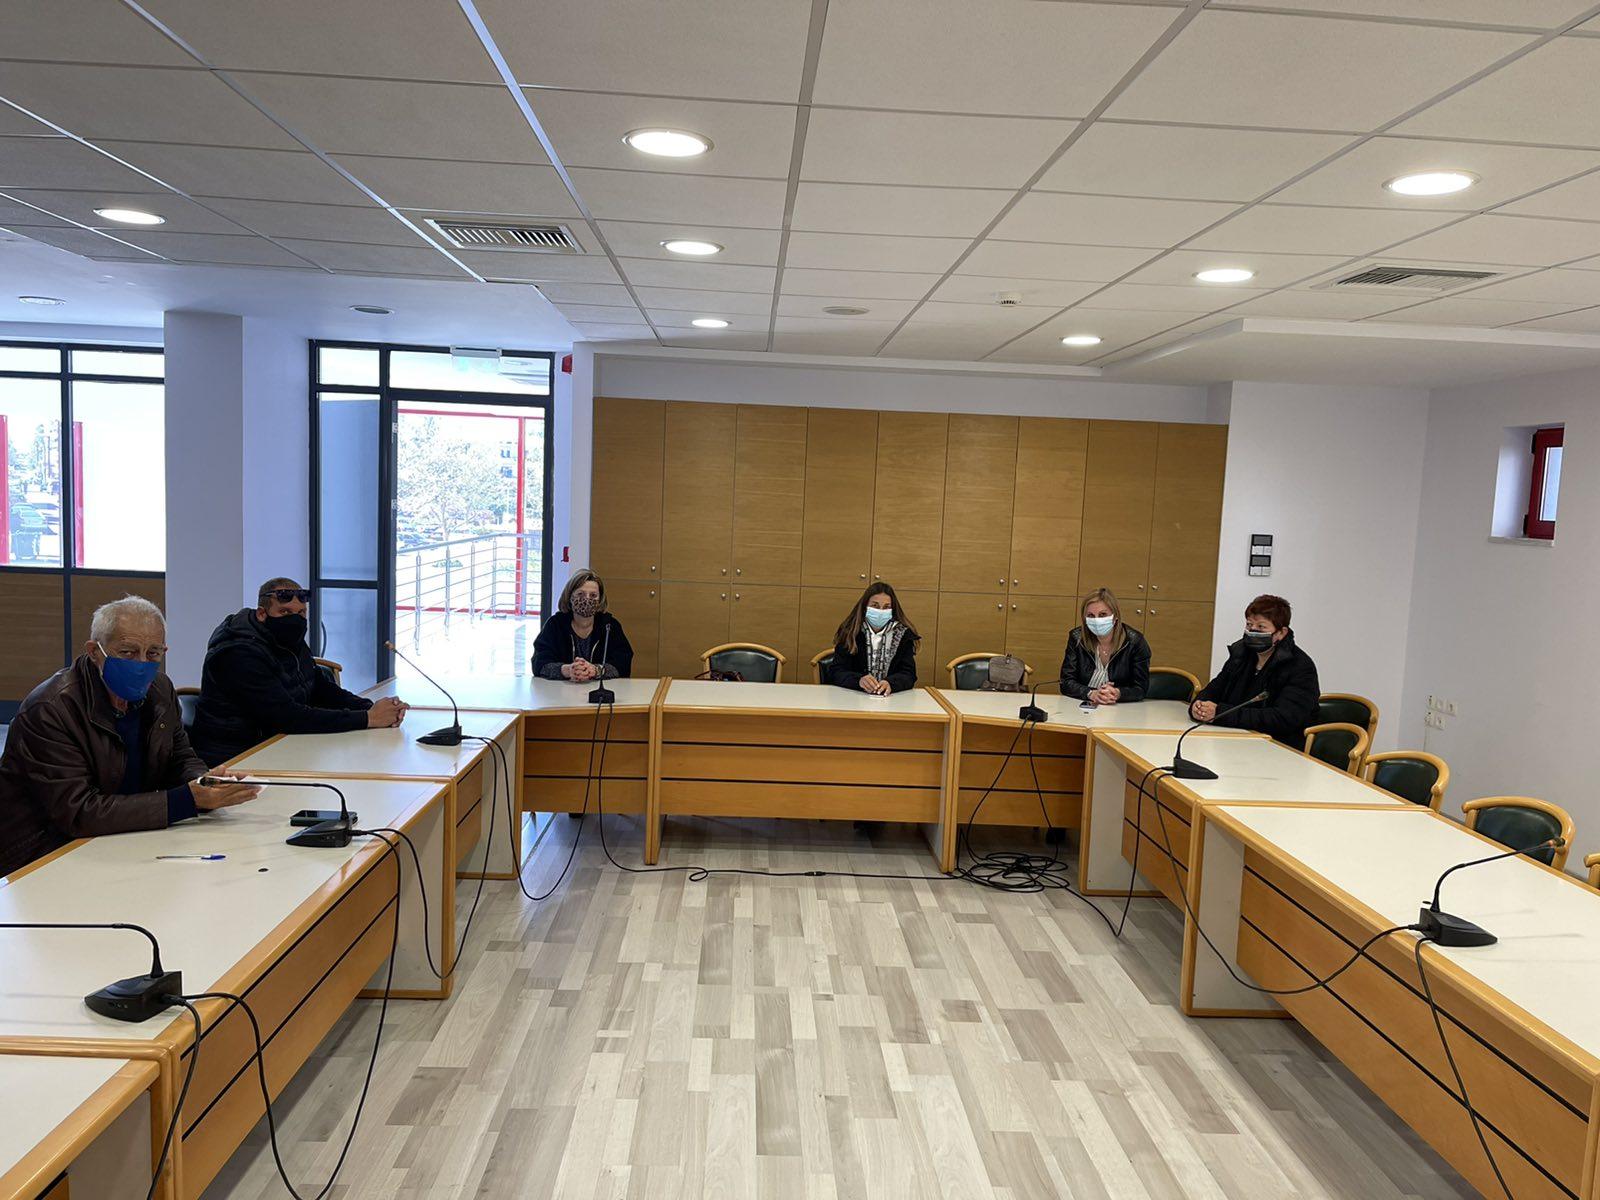 Δήμος Ήλιδας: Ξεκινά η λειτουργία του Κοινωνικού Παντοπωλείου και της Παροχής Συσσιτίου